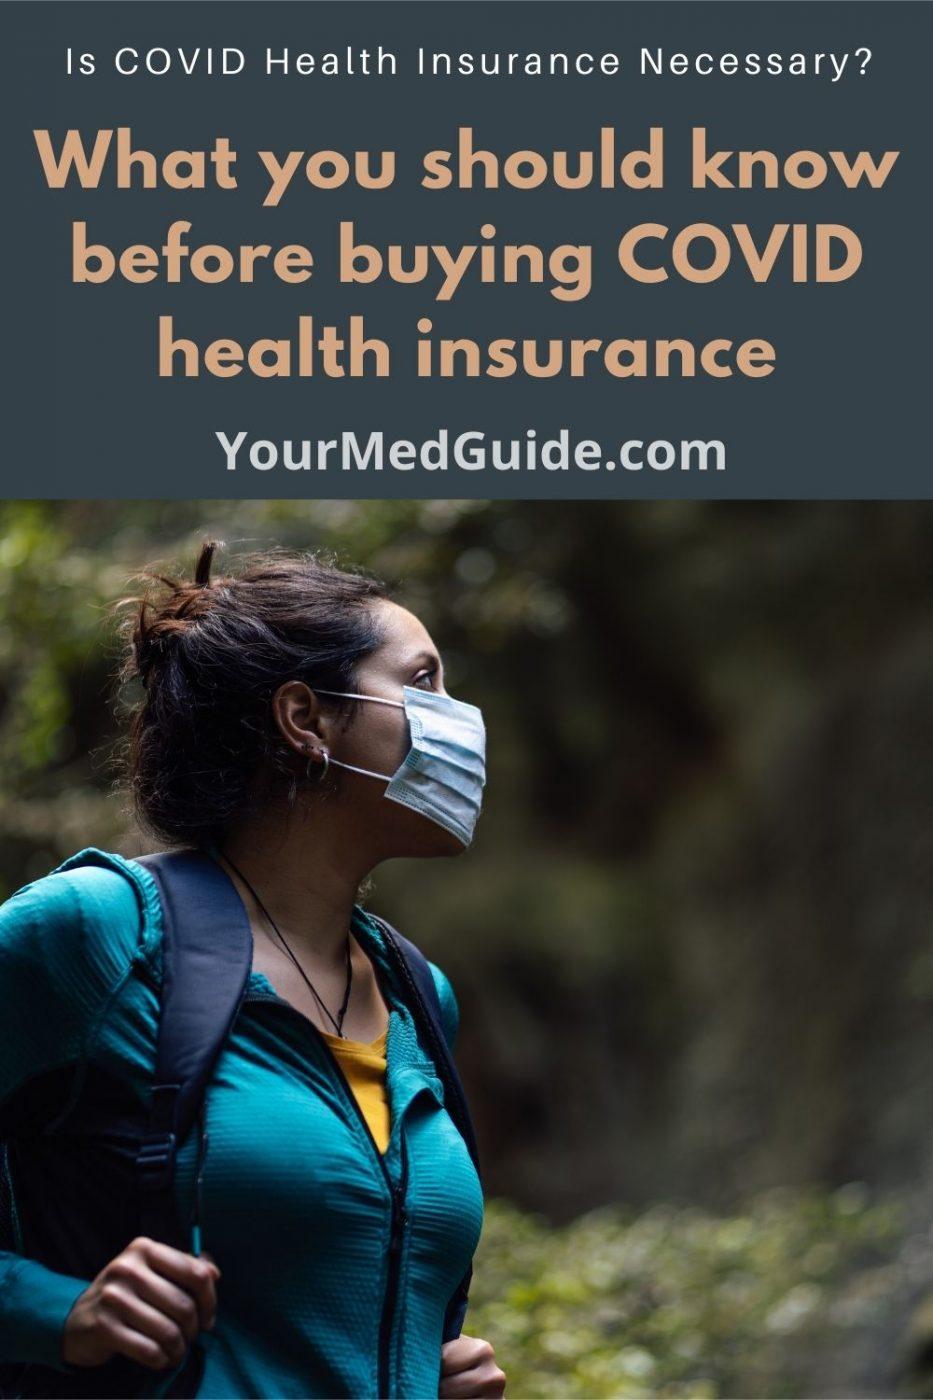 Is COVID Health Insurance really necessary_